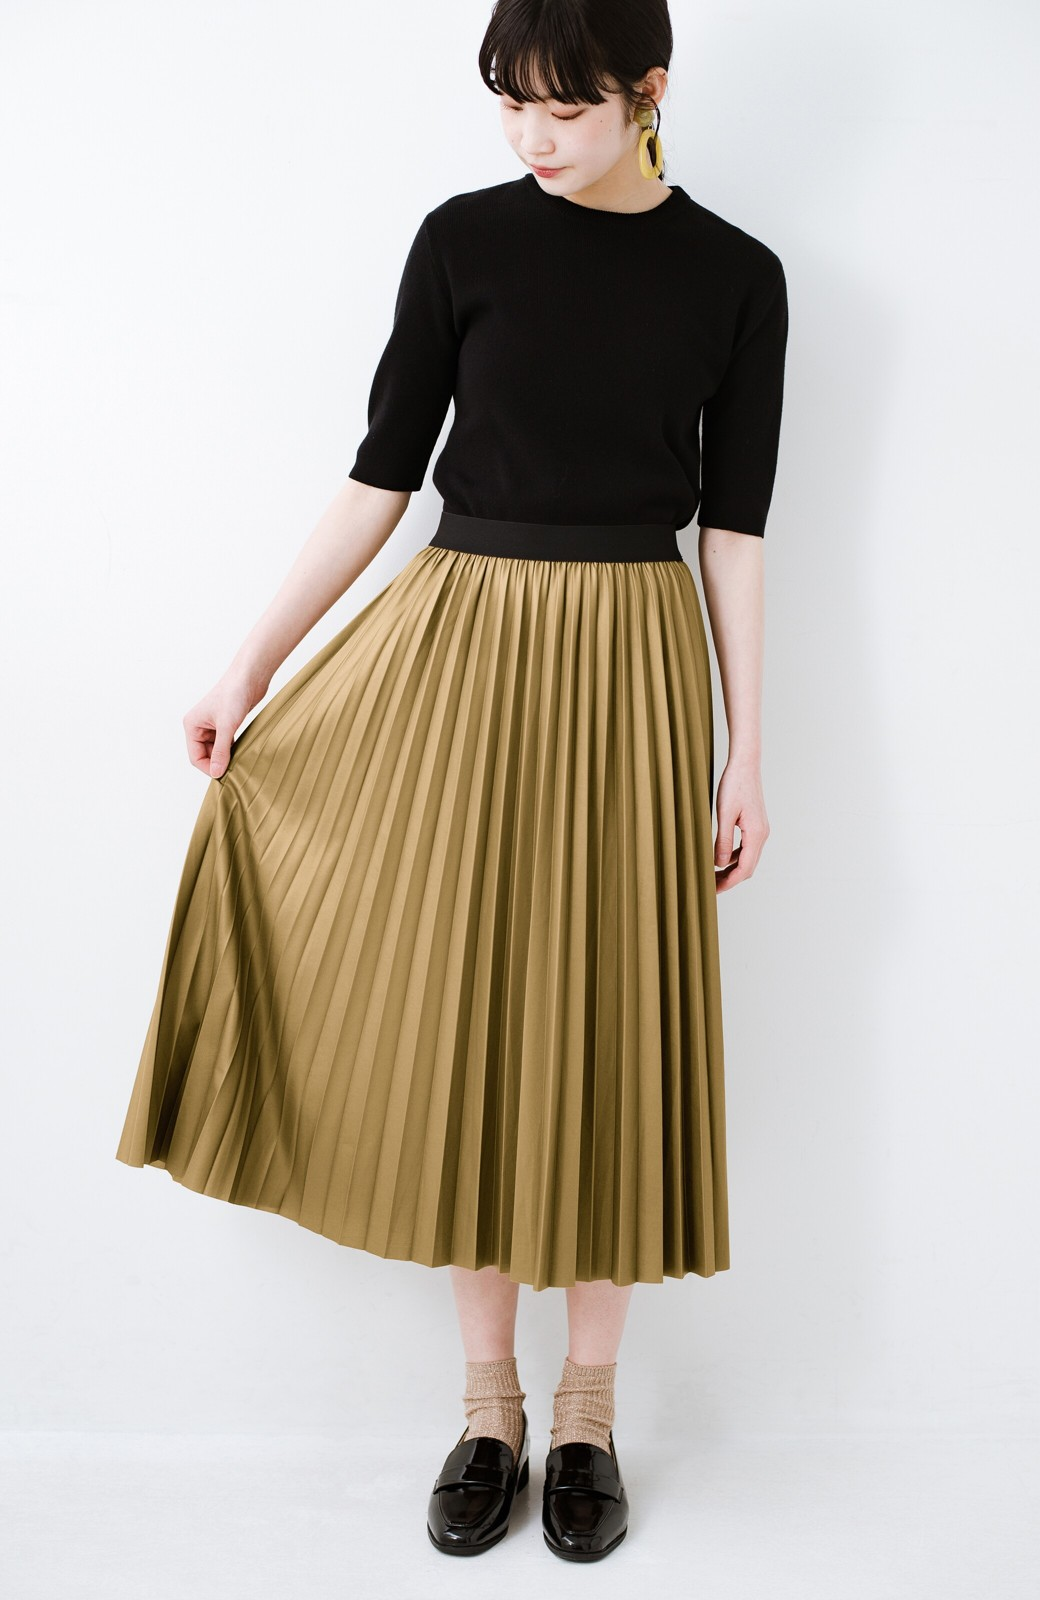 haco! コーデが一気に引き締まるフェイクレザー風プリーツスカート by laulea  <マスタード>の商品写真3